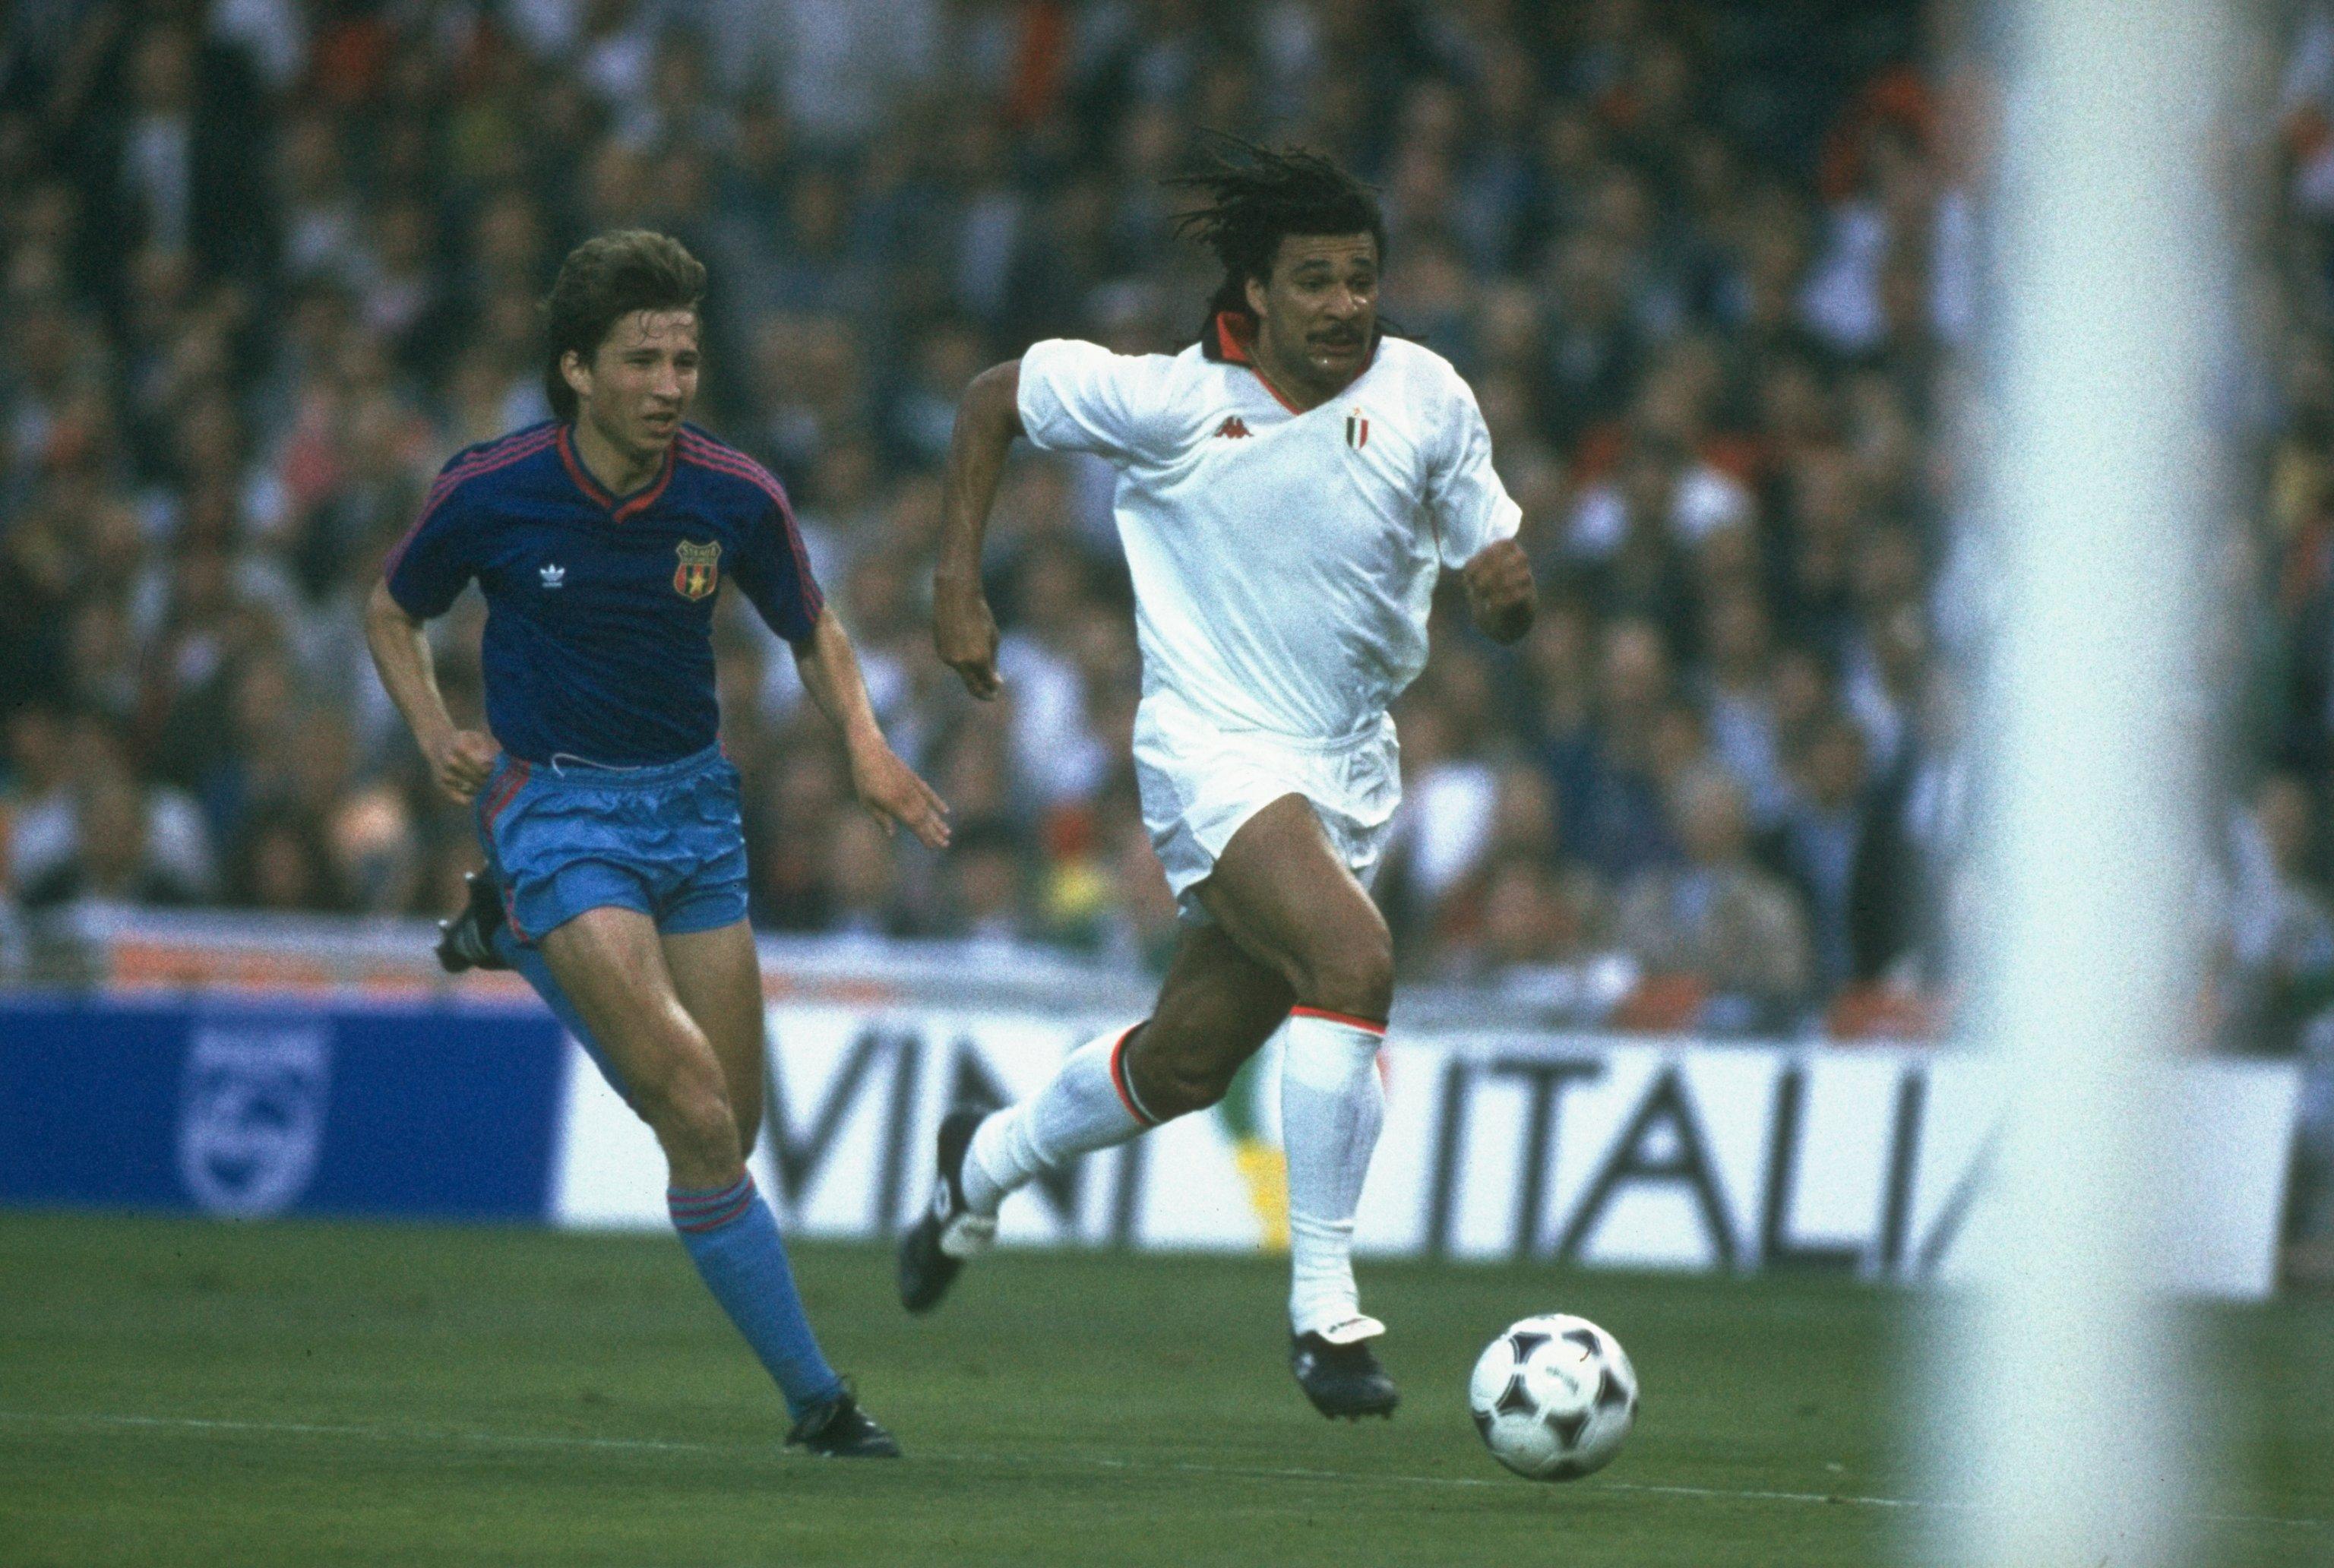 Ruud Gullit races past future Chelsea team-mate Dan Petrescu against Steaua Bucharest in the 1989 European Cup Final